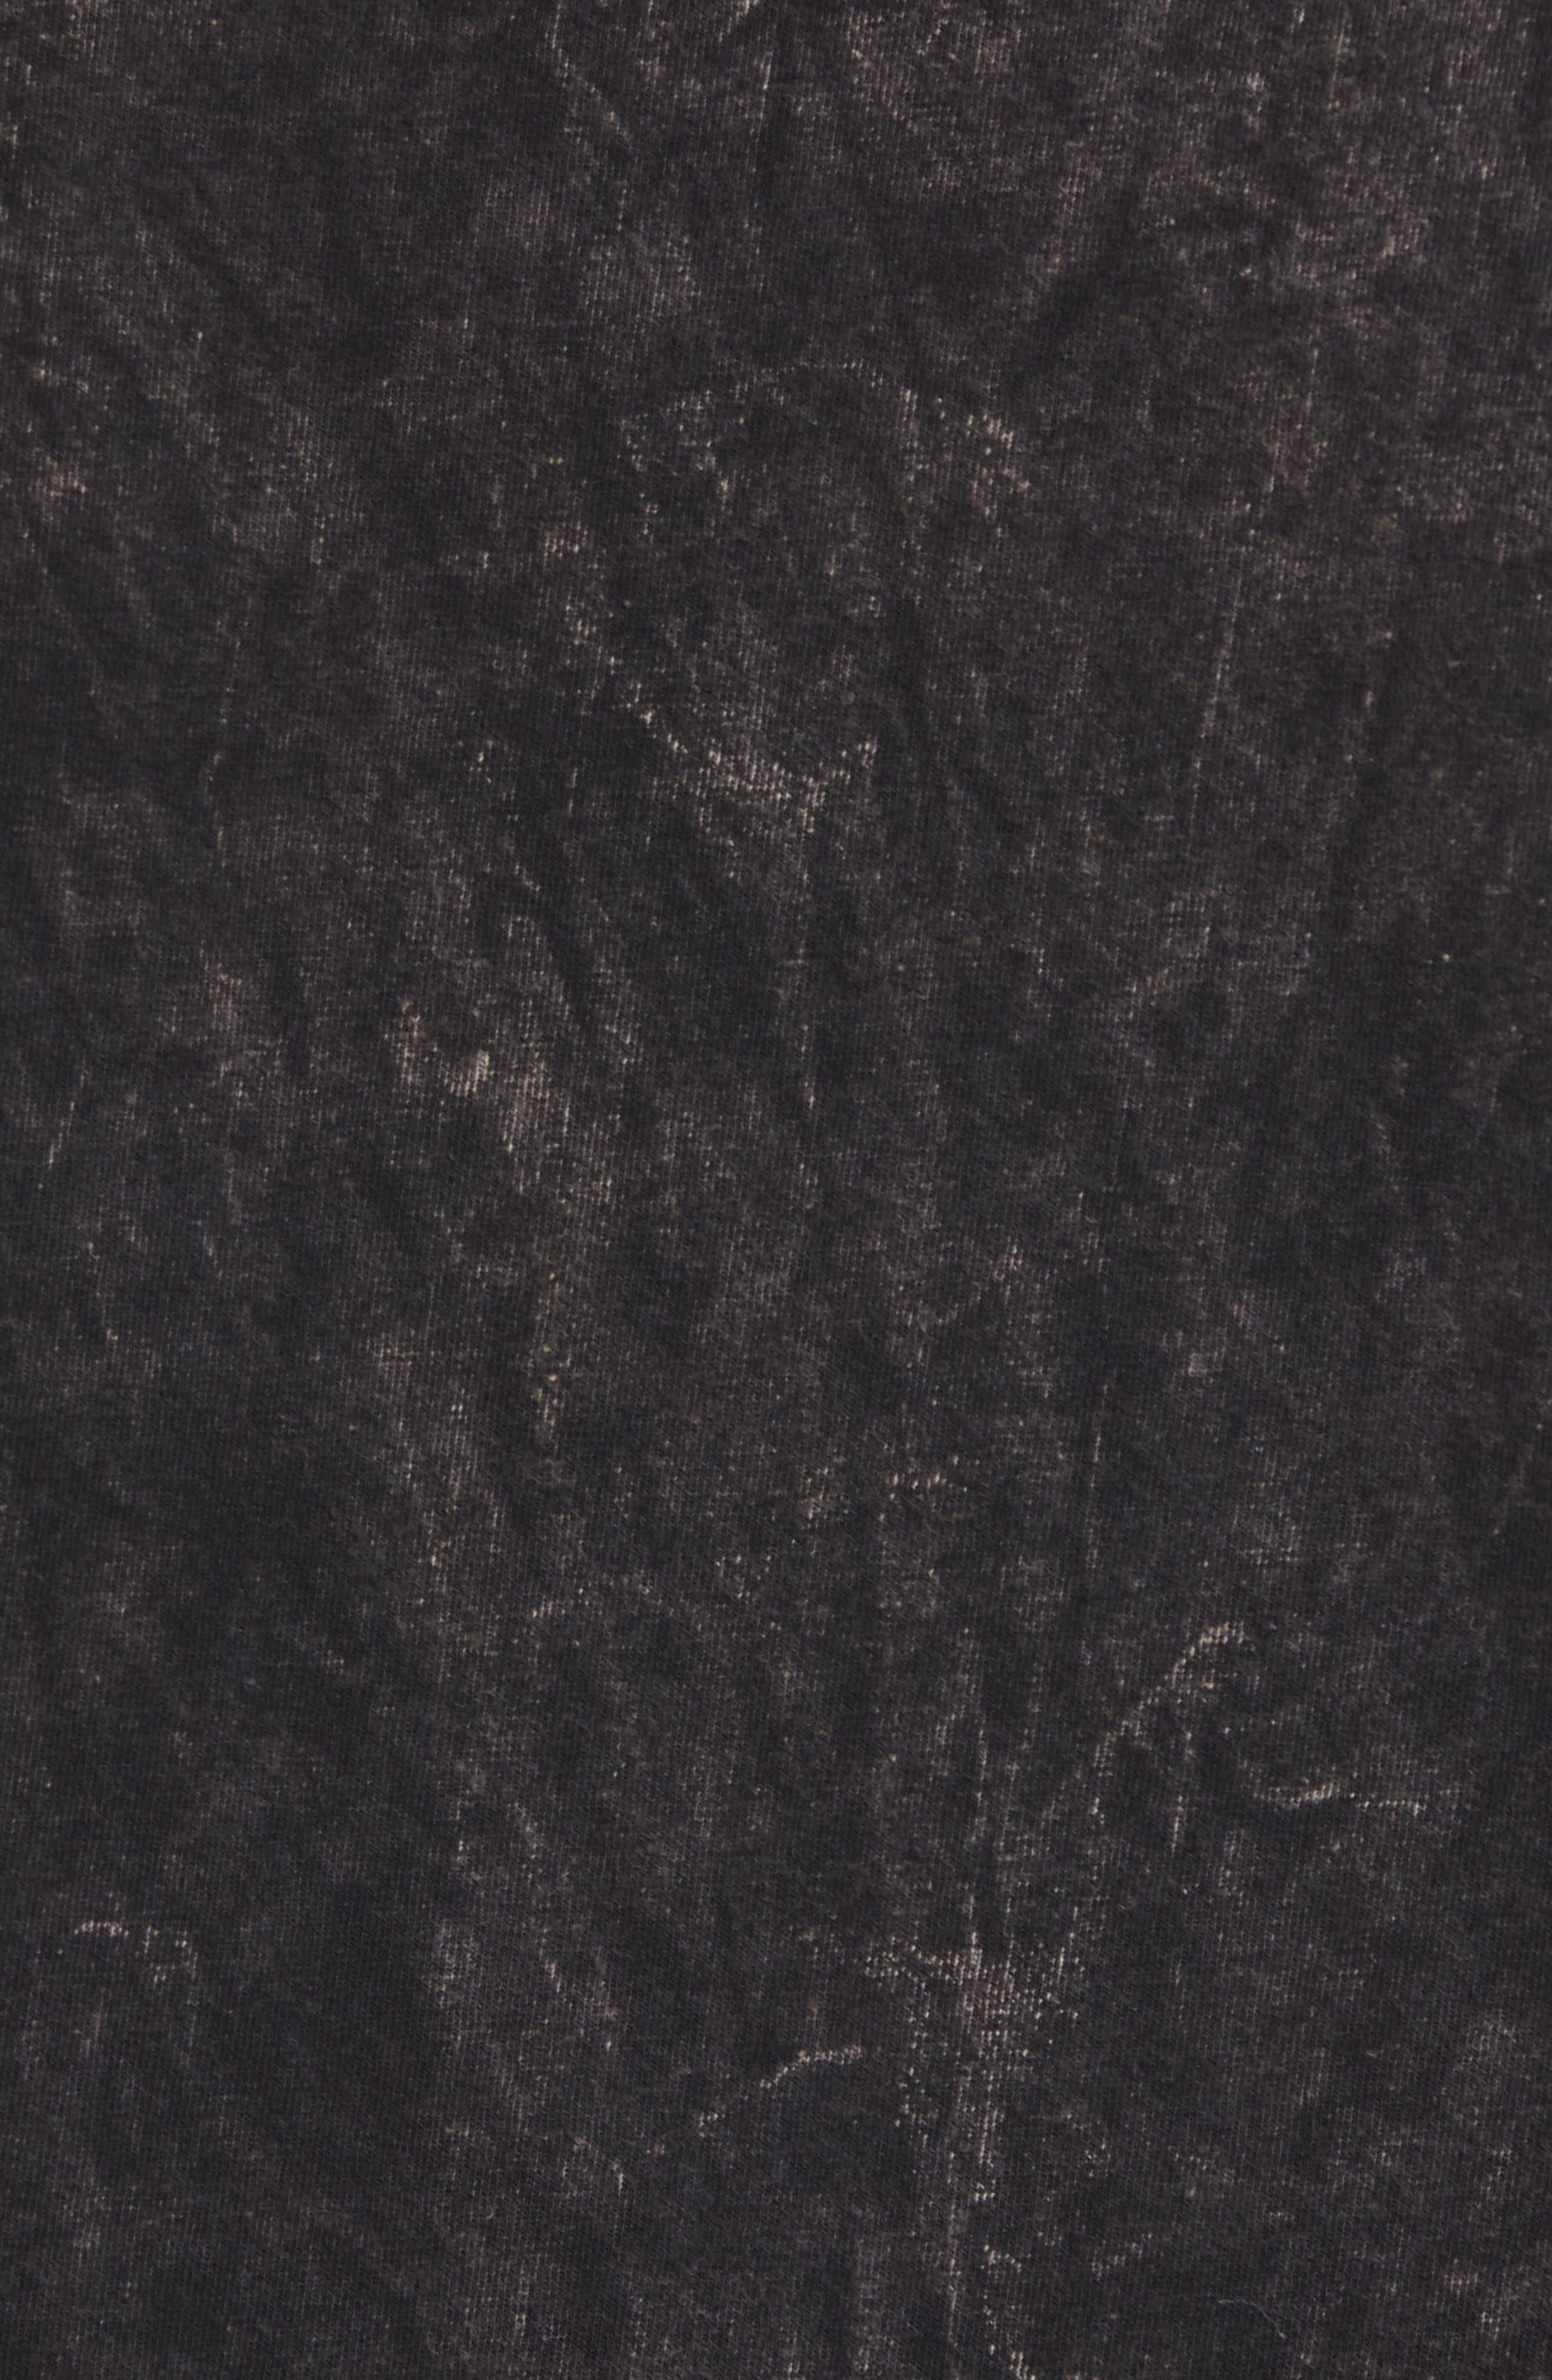 Bowie Acid Wash T-Shirt,                             Alternate thumbnail 5, color,                             Black Tee Bowie